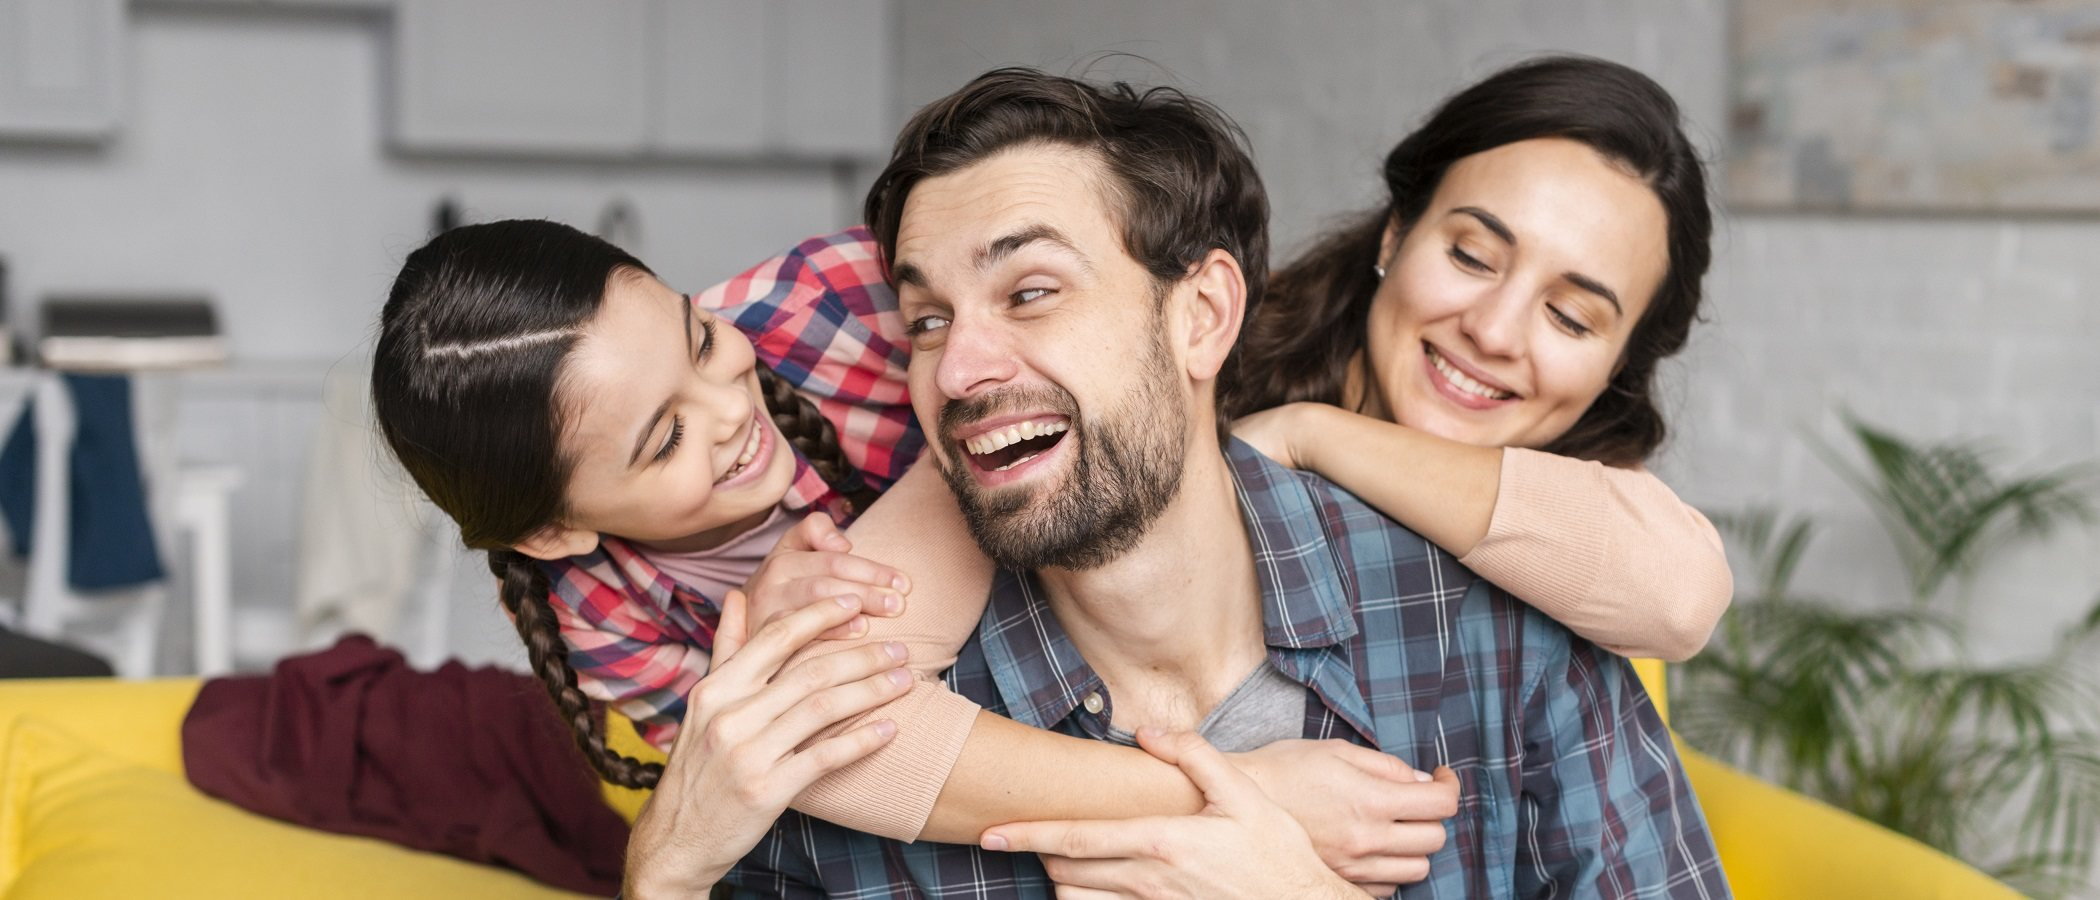 Muestras de amor en familia con palabras